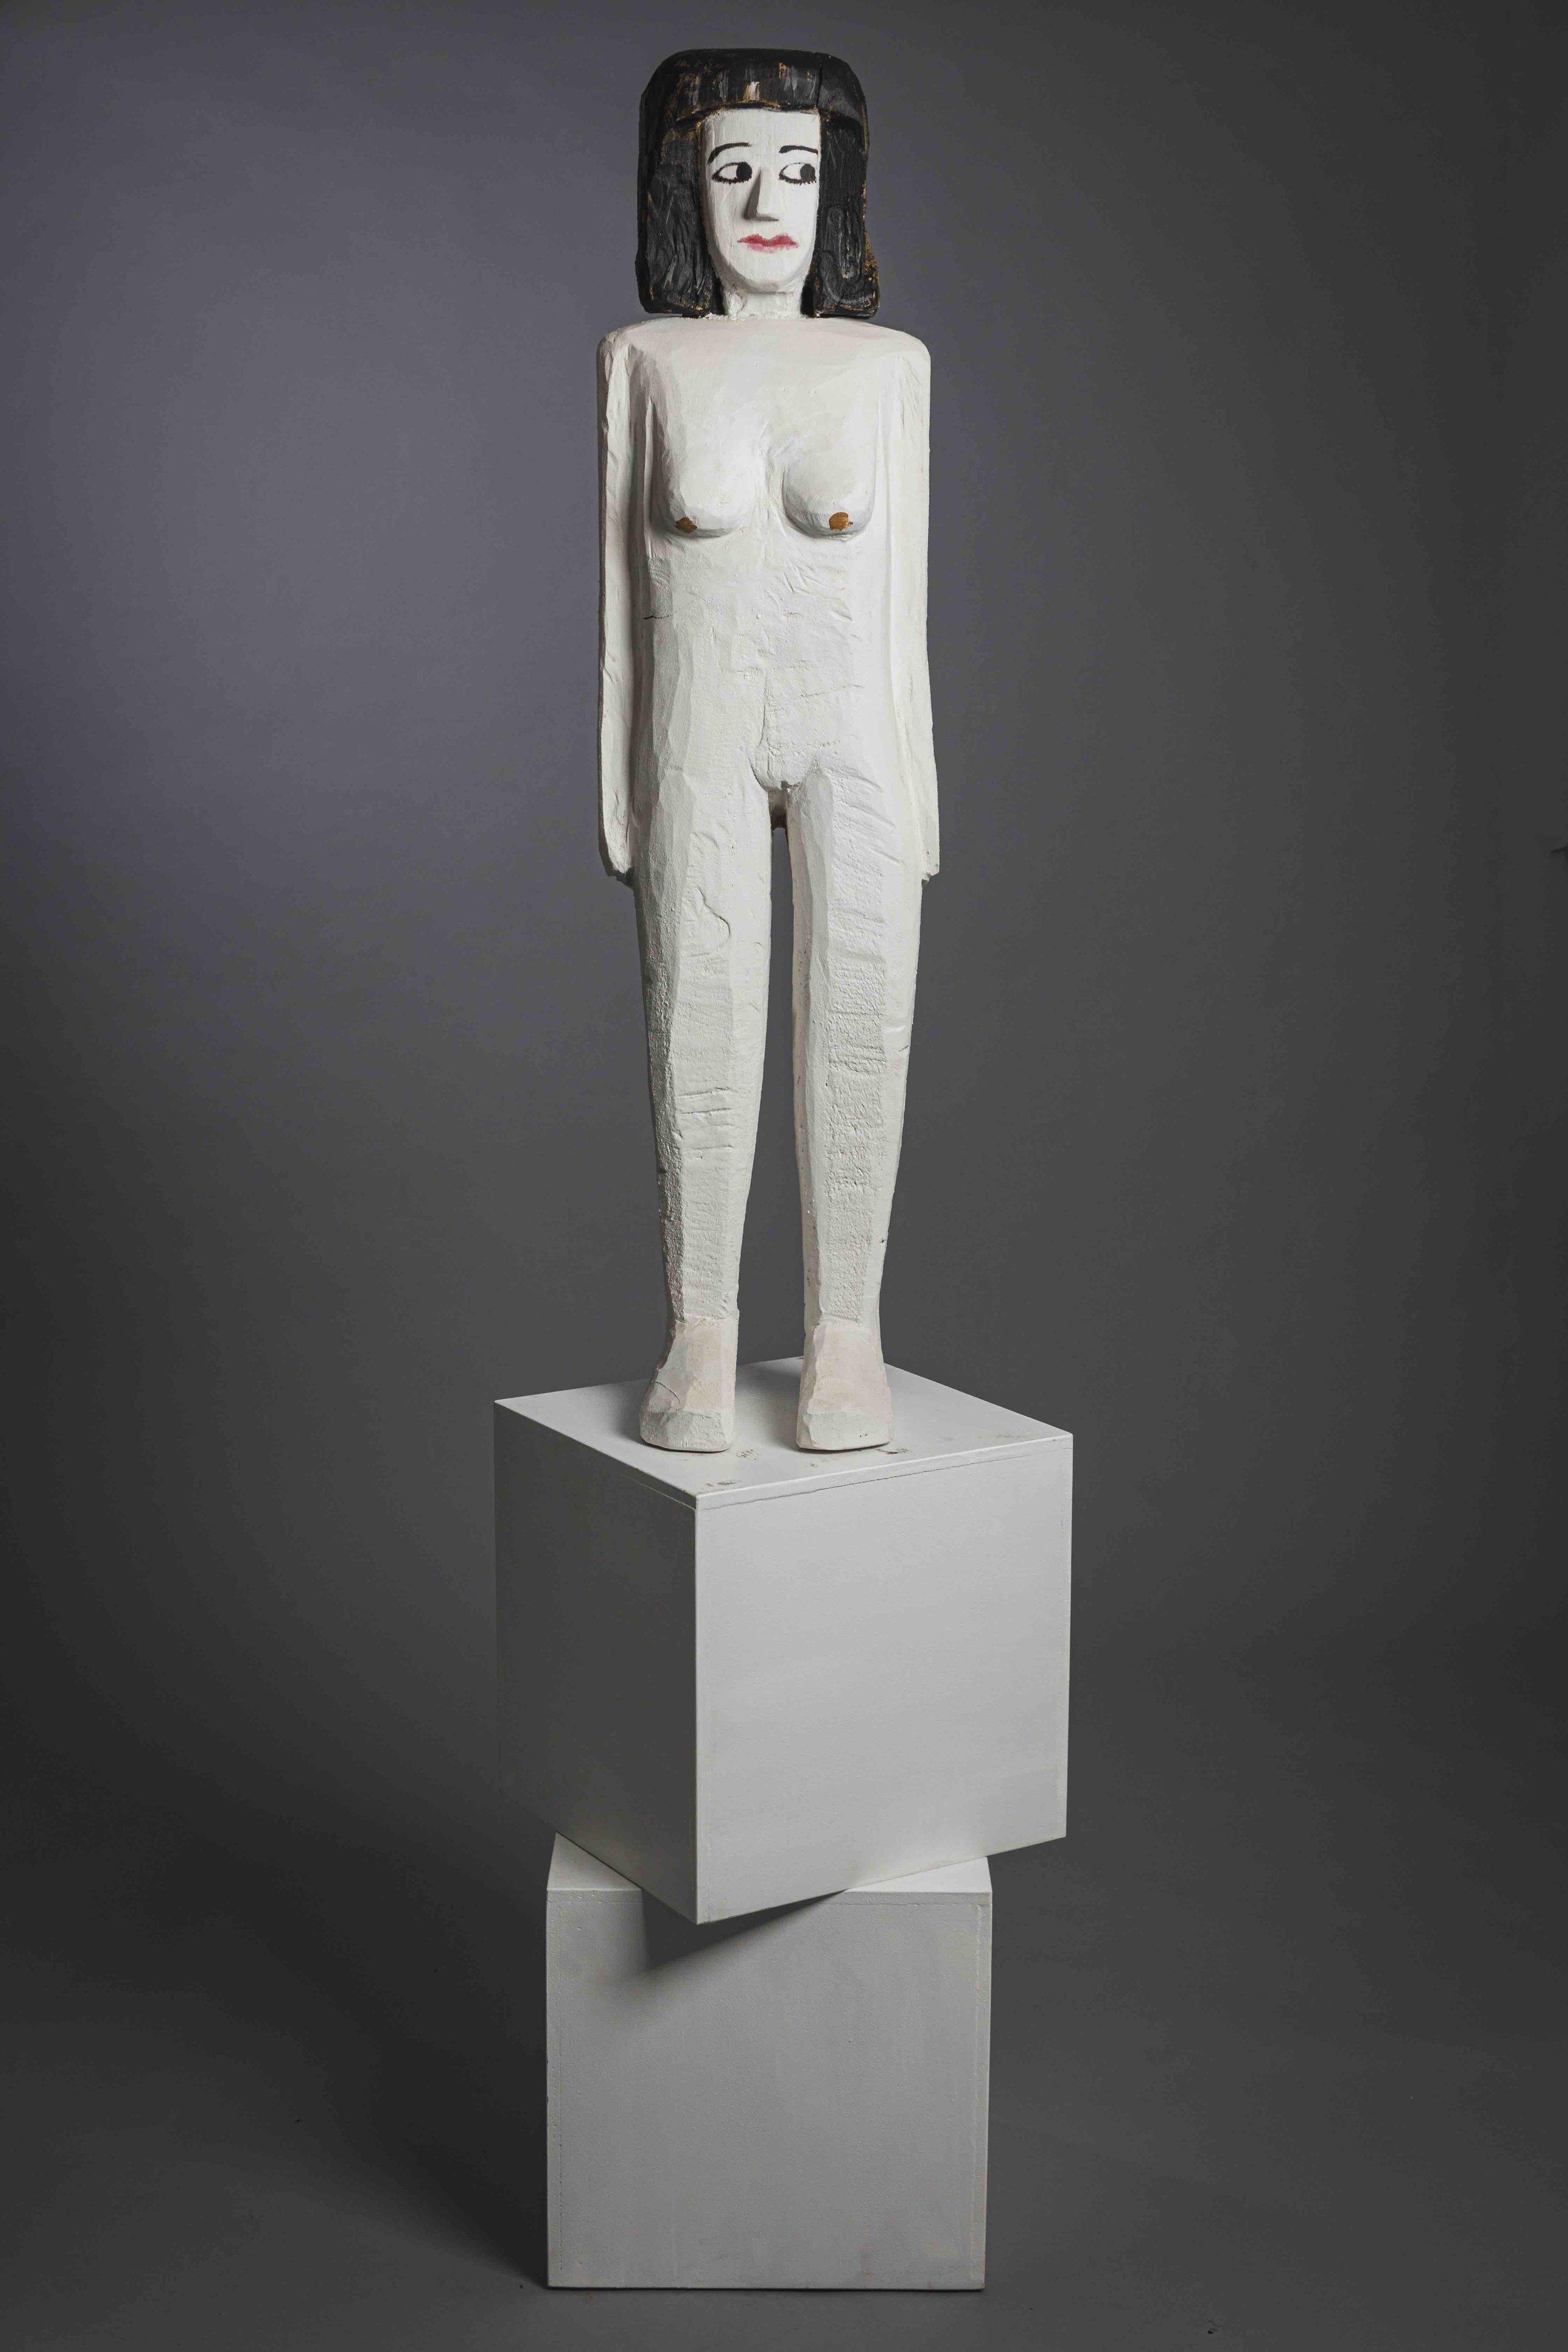 Woman on a Pedestal